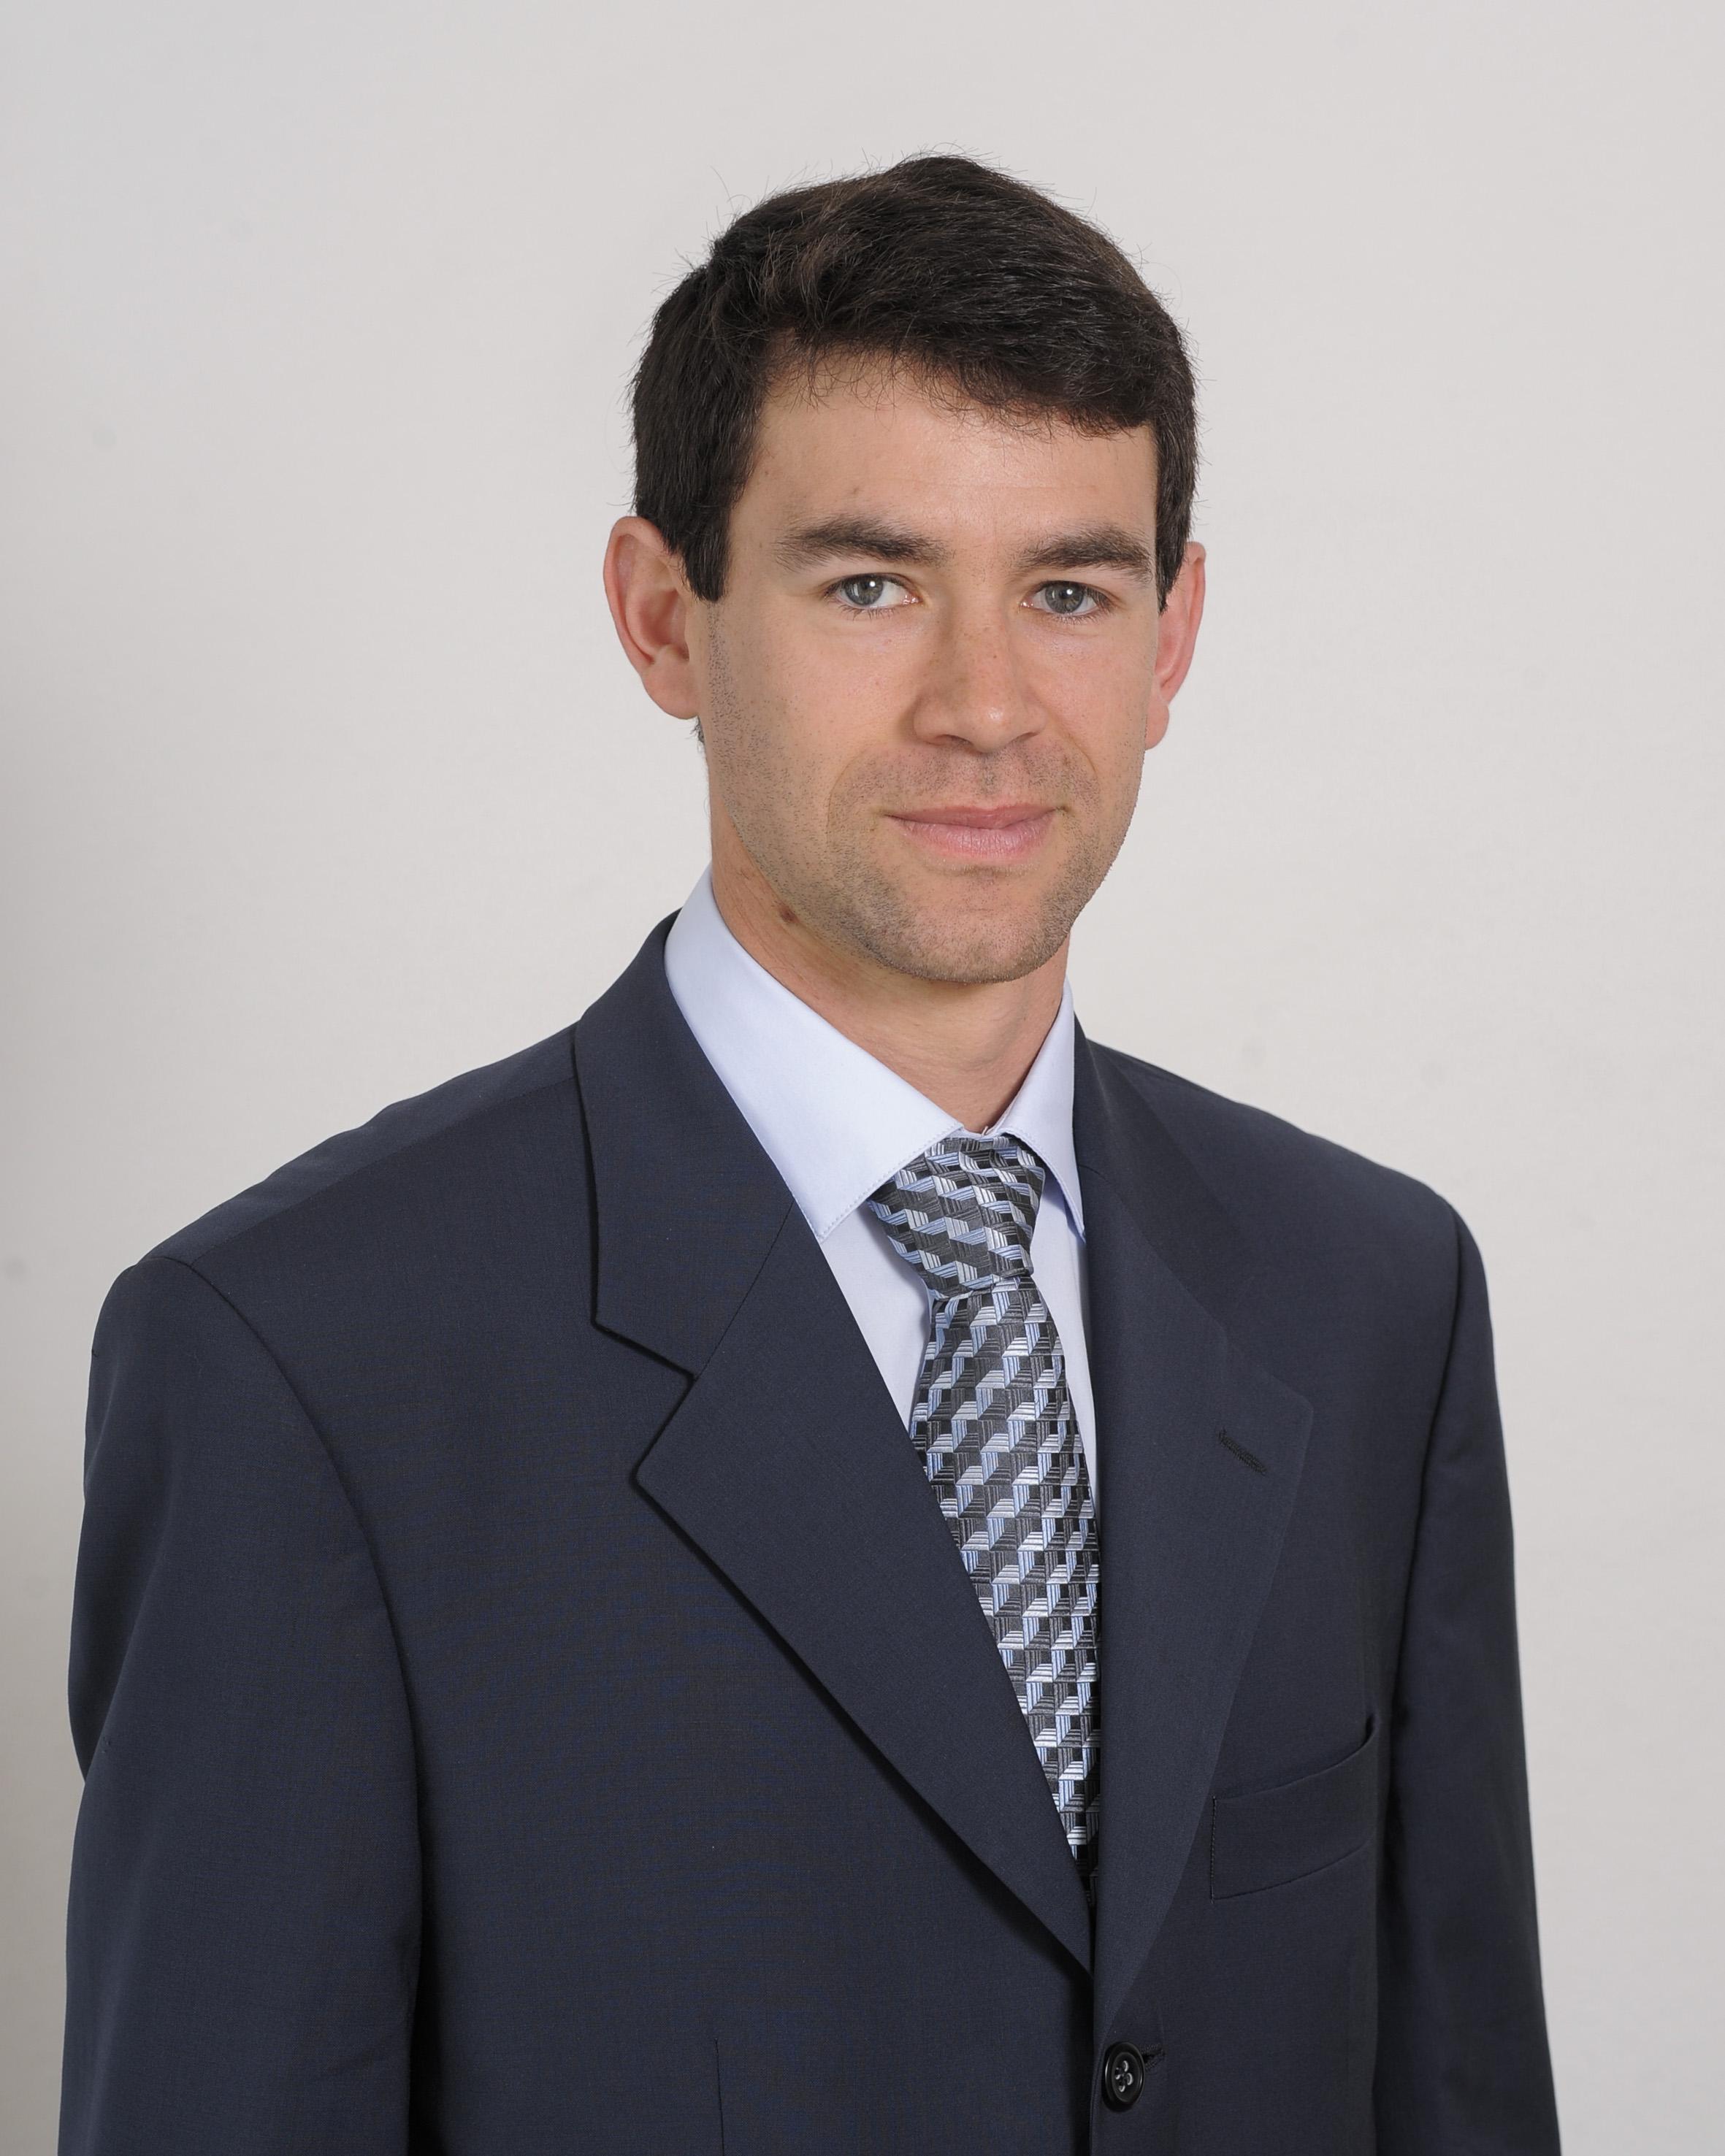 Frédéric Mesnard